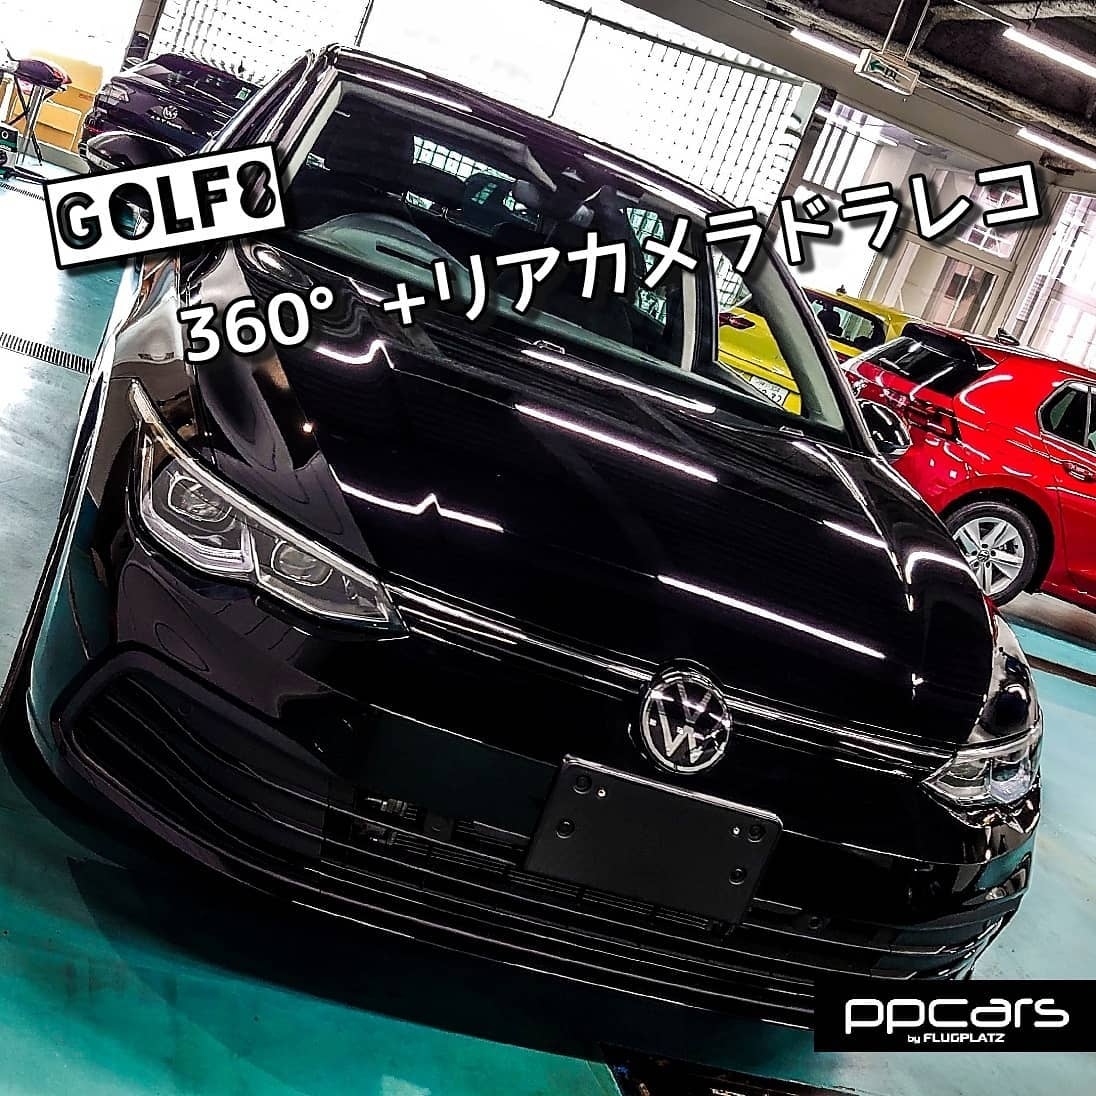 Golf8 (5H) x 360°全方位+リアカメラドライブレコーダー FPZ-DVR360x